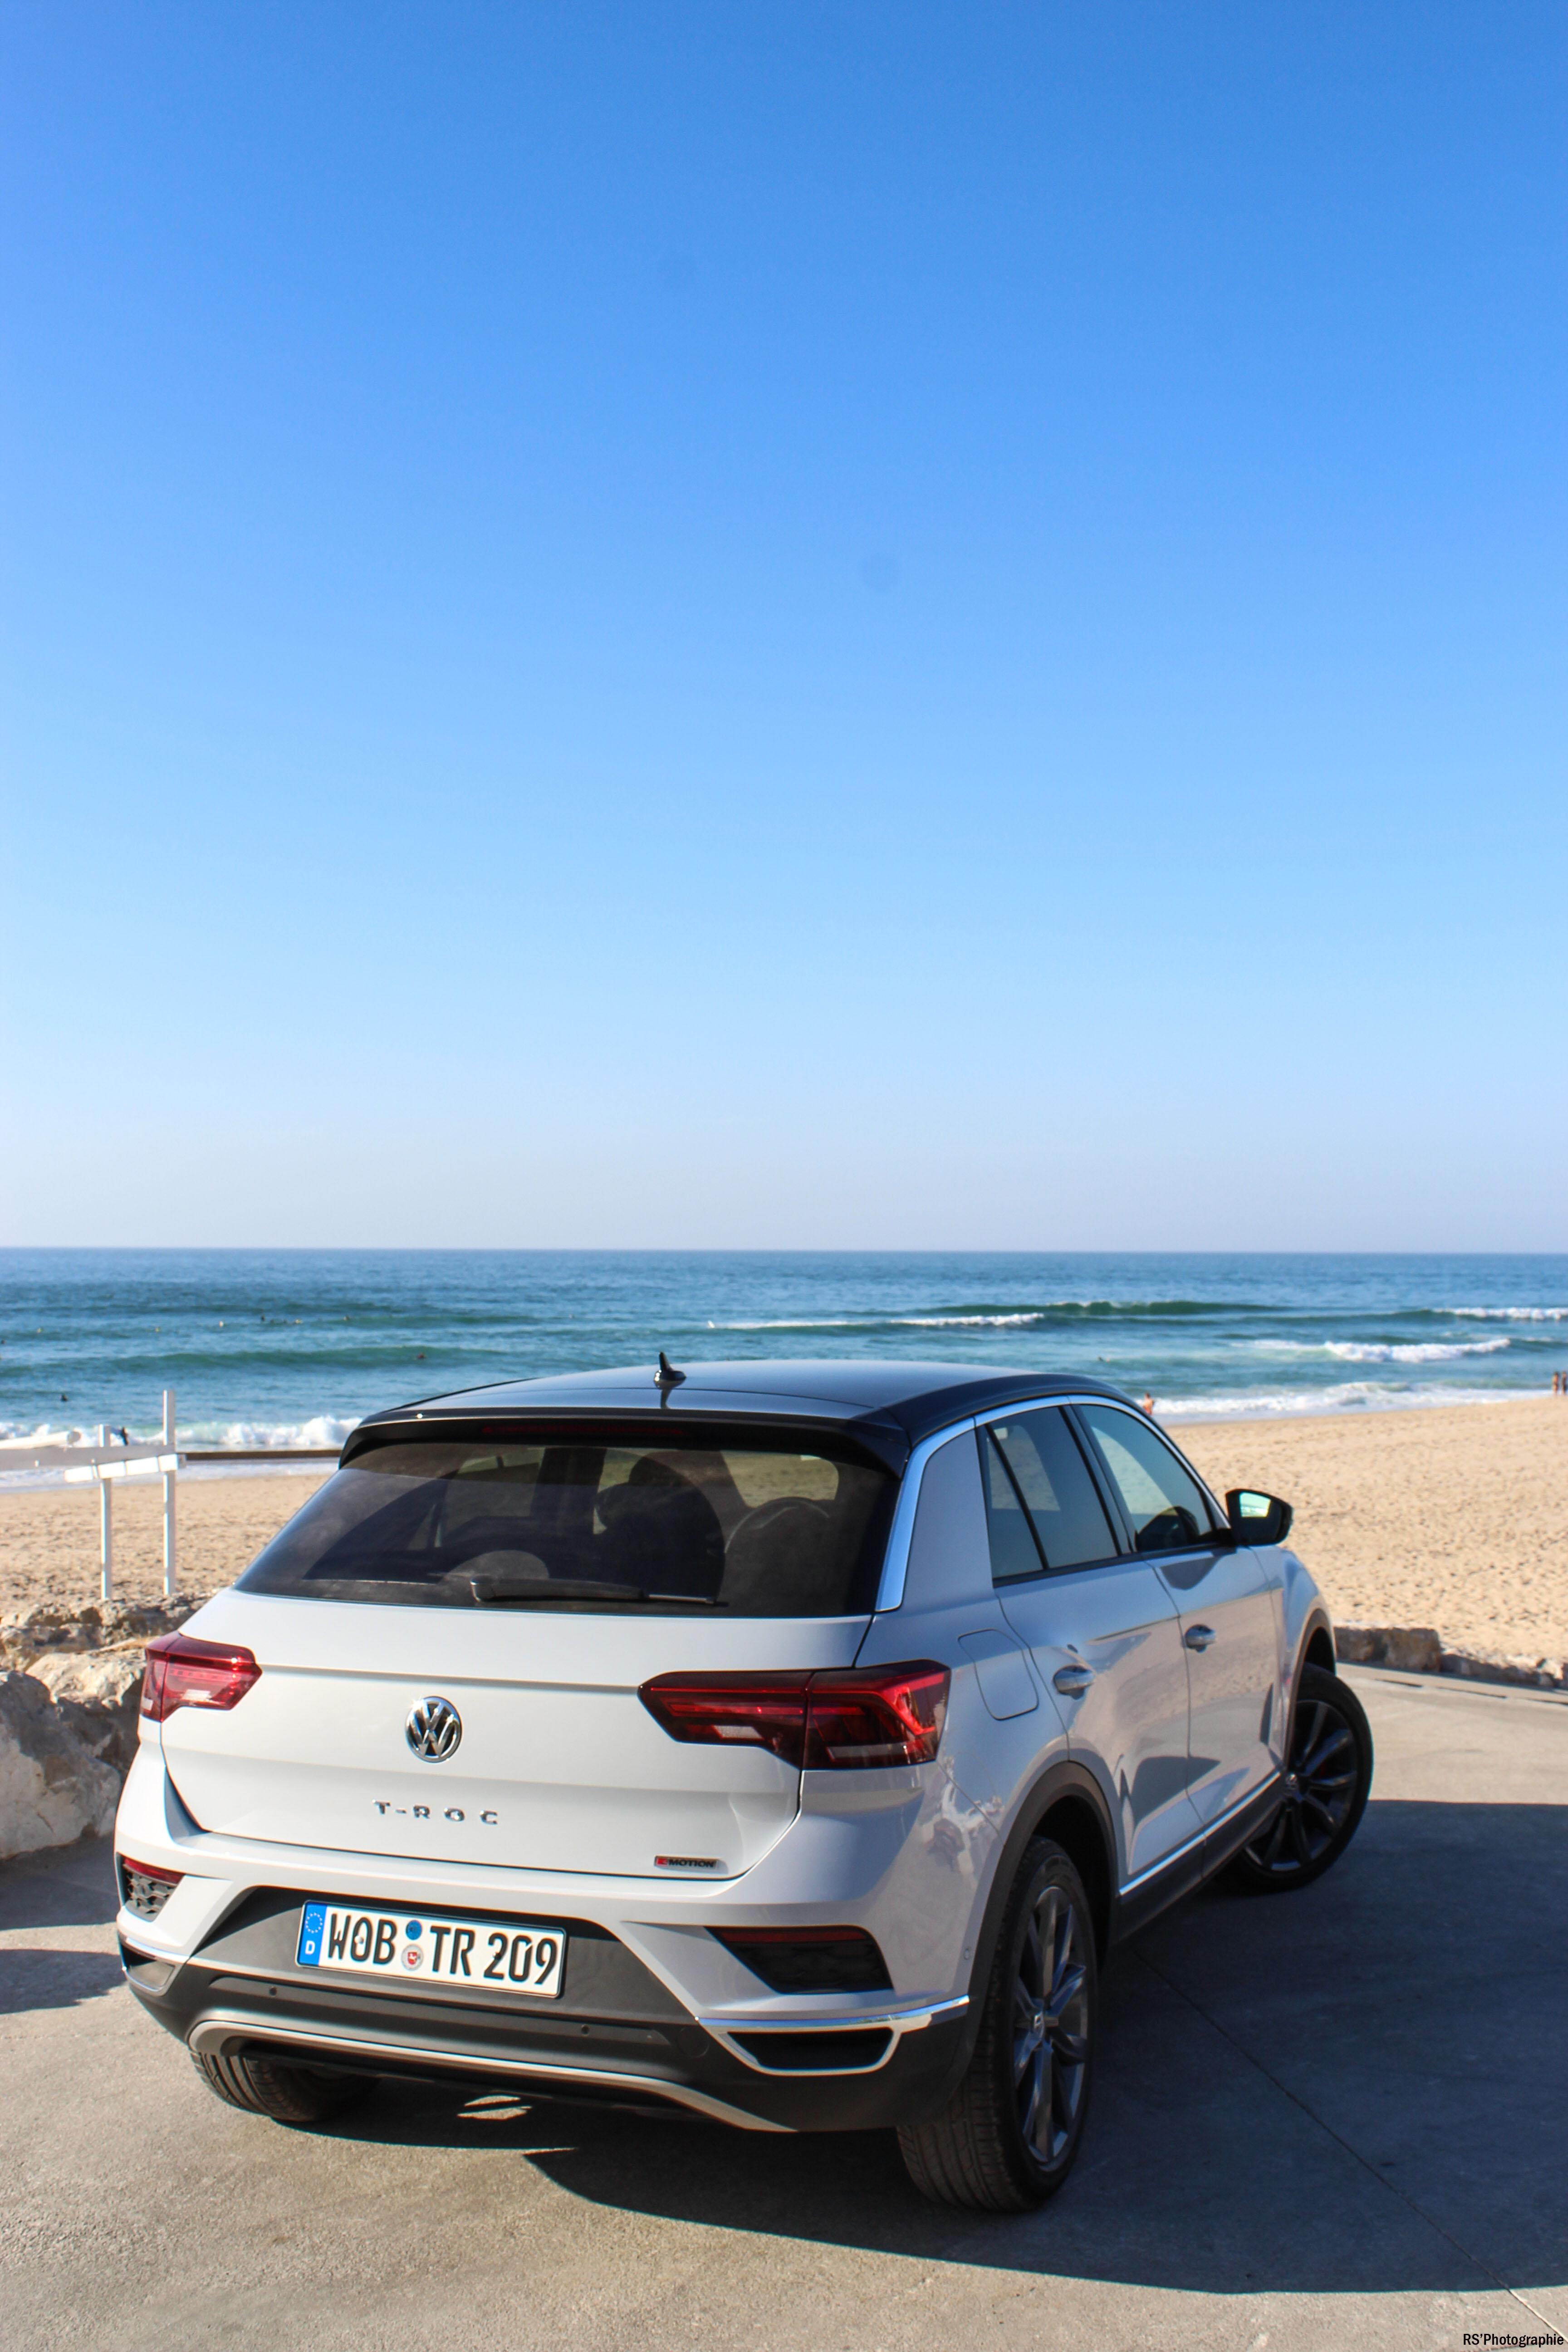 Volkswagentroc16-vw-t-roc-arriere-rear-Arnaud Demasier-RSPhotographie